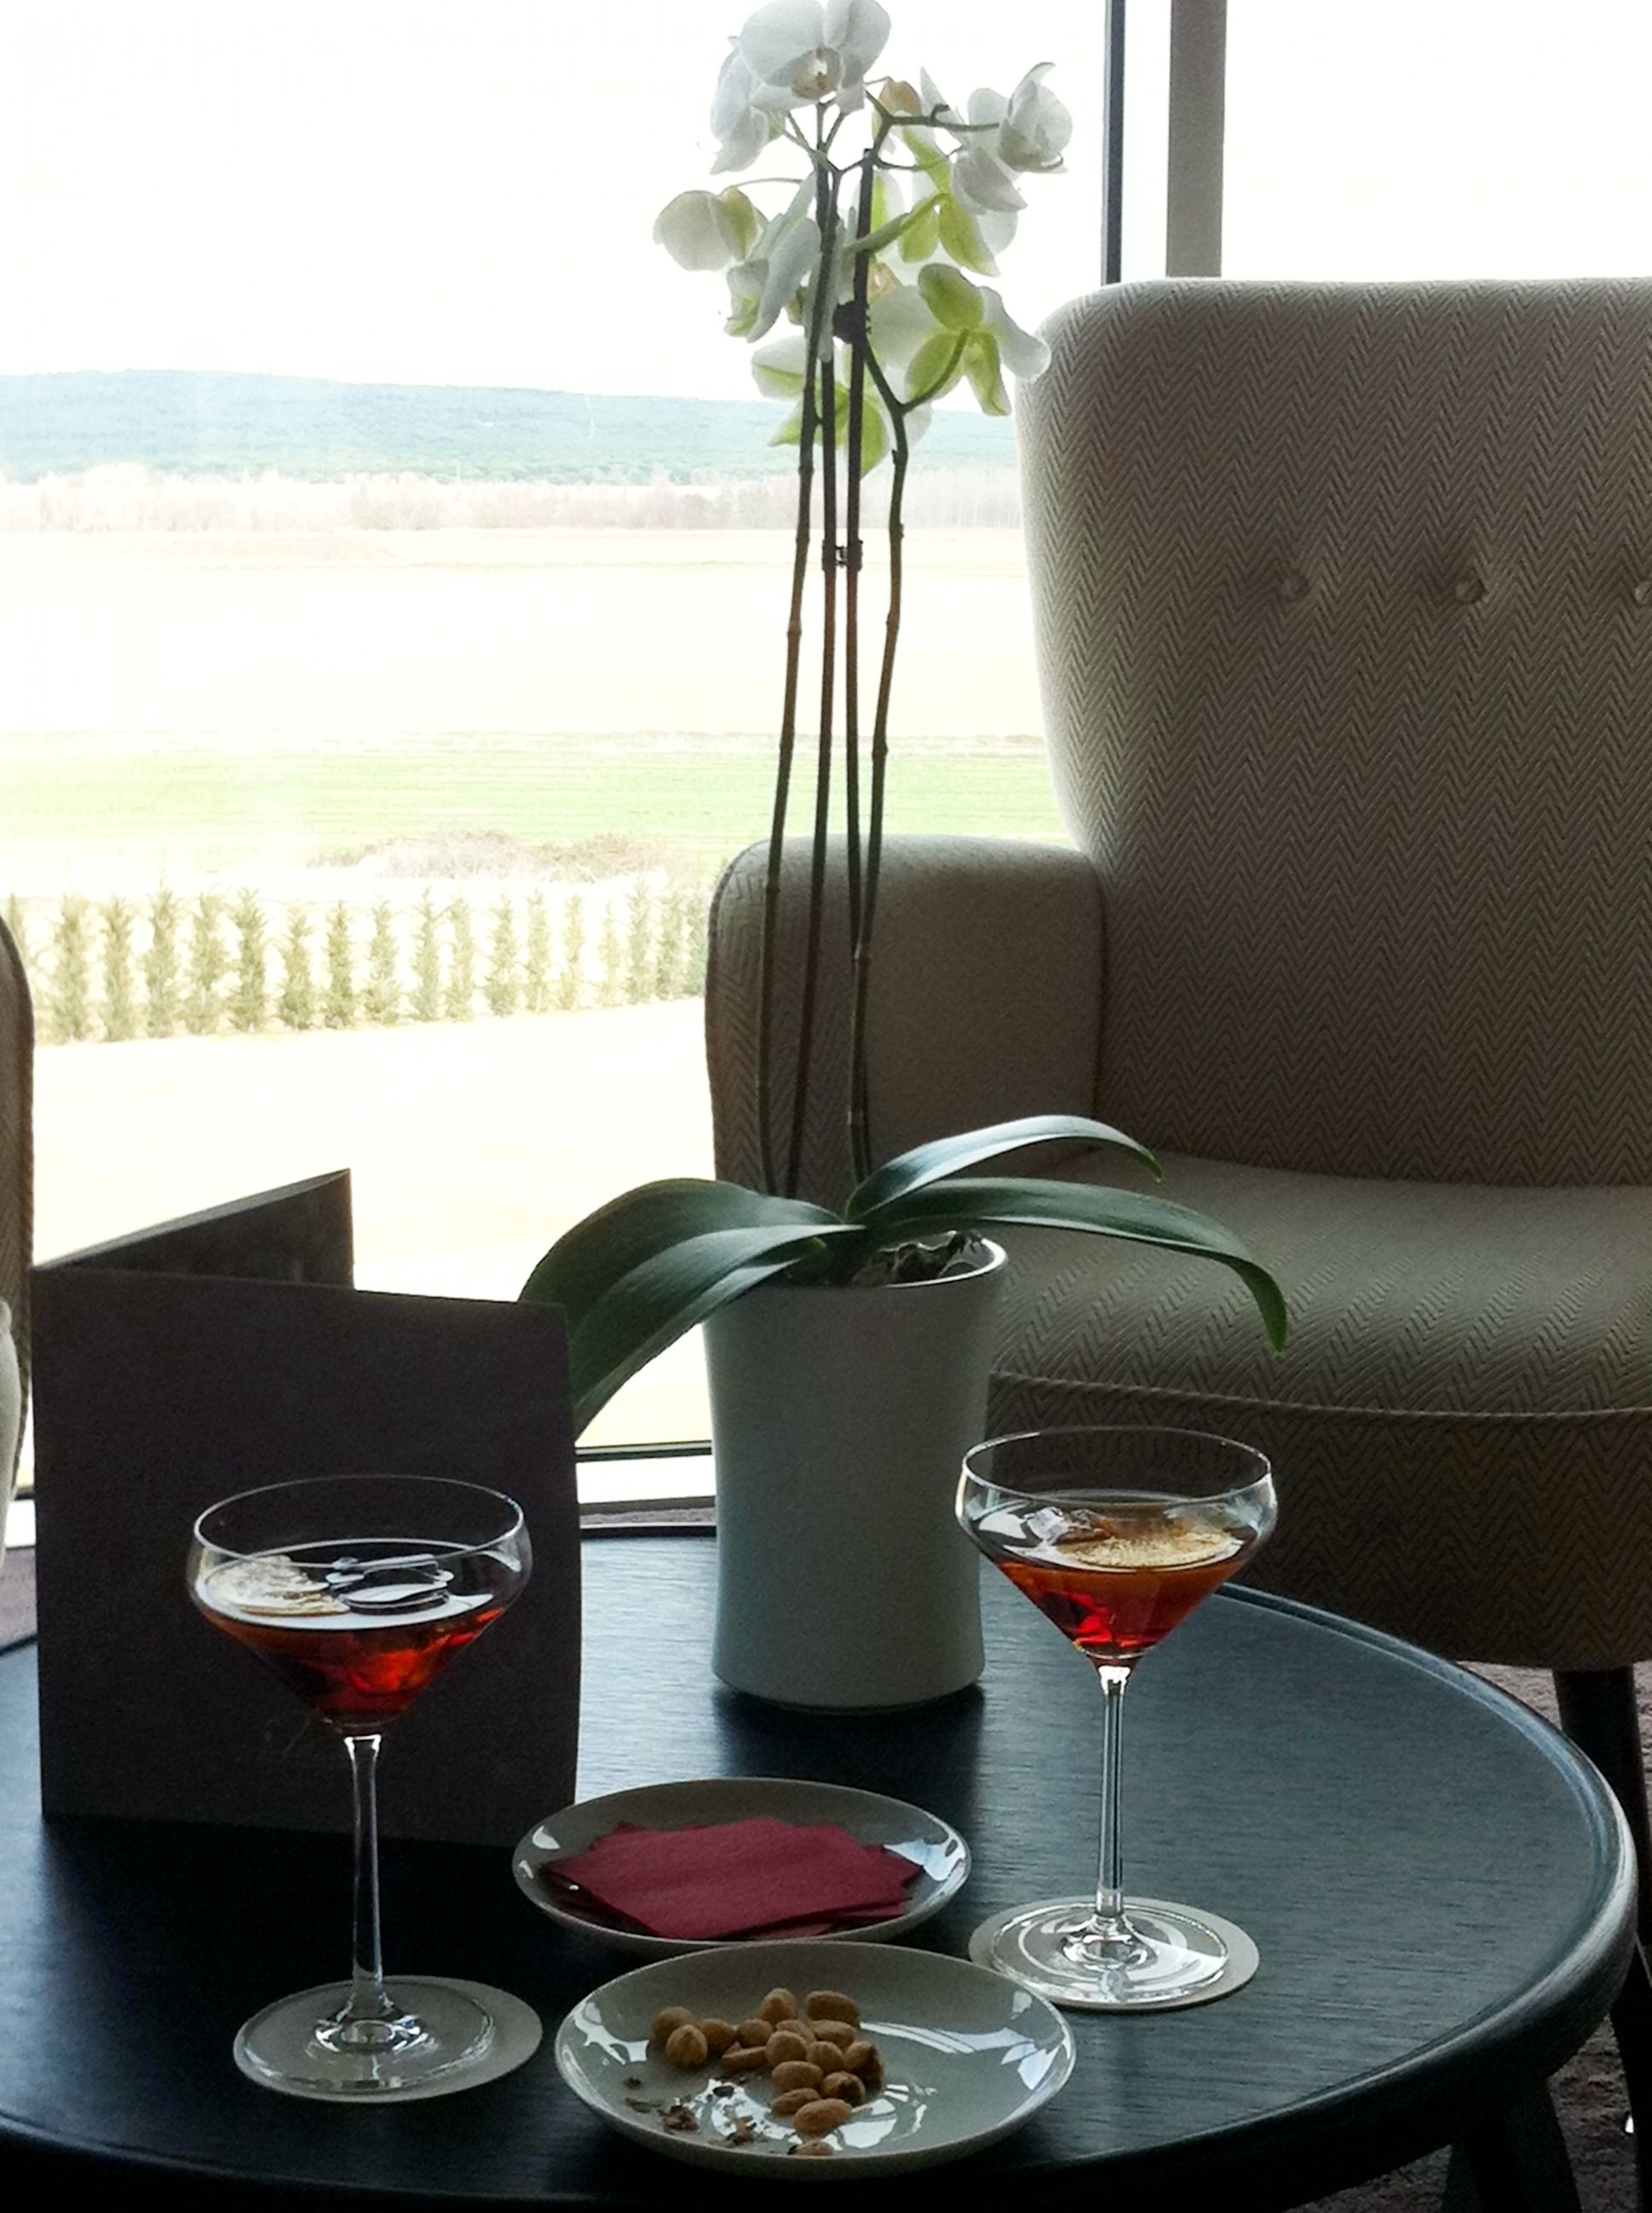 ¡Un rico vermouth a la hora del aperitivo! en Valbusenda